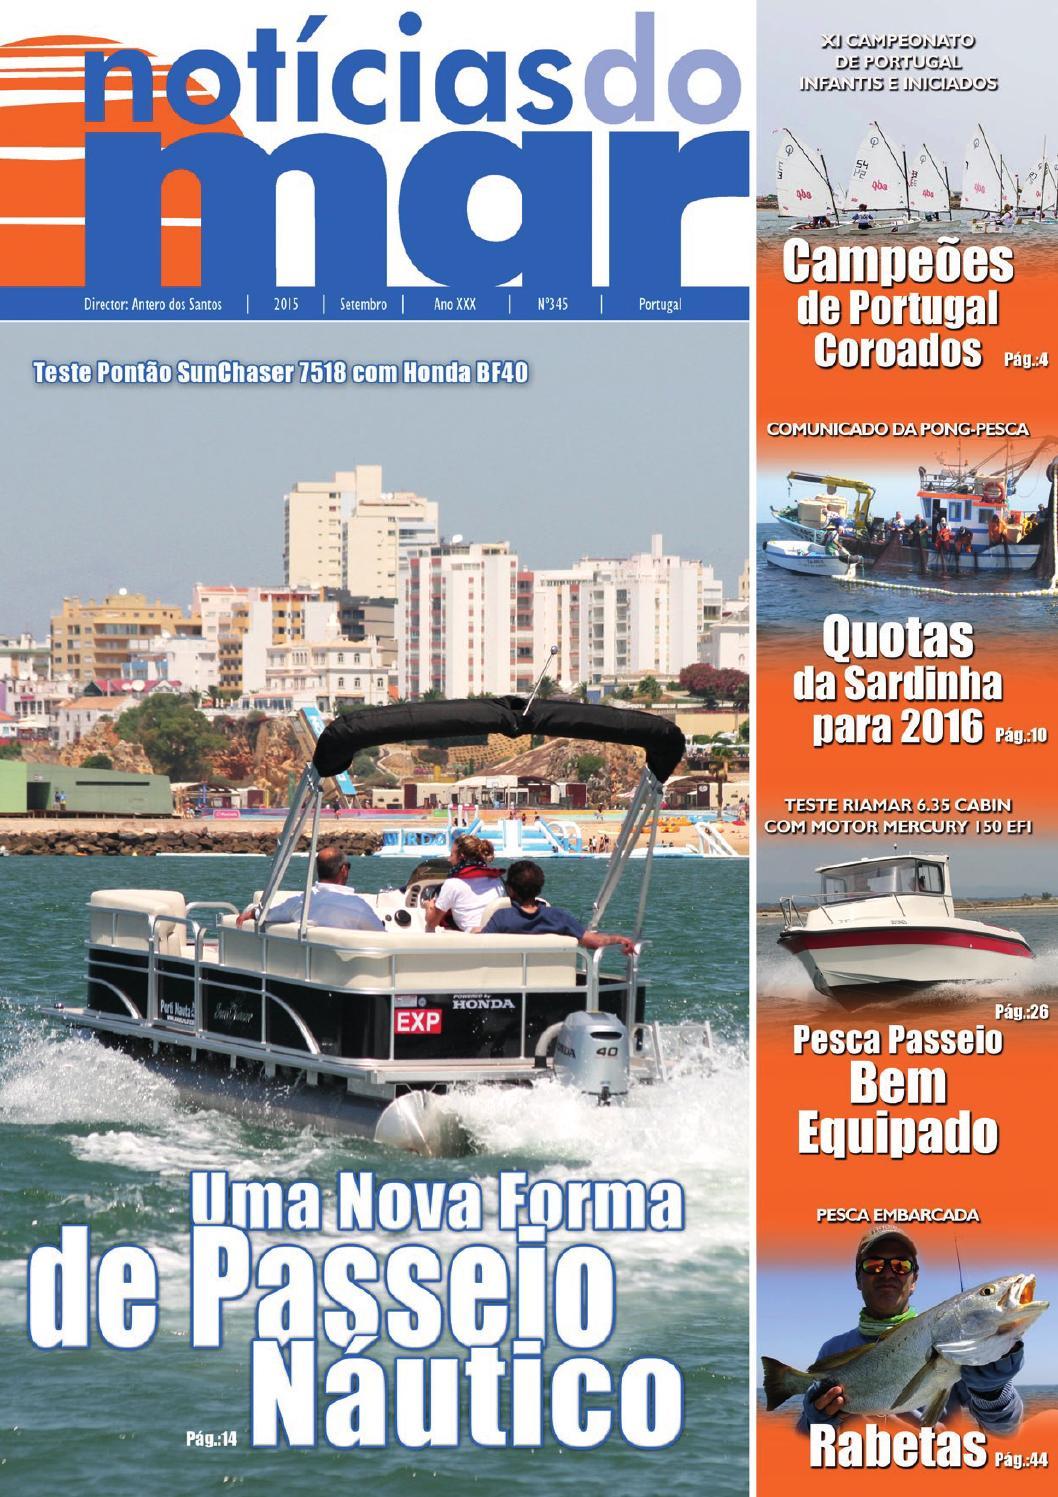 891e7e45fa Notícias do Mar n.º 345 by Media 4U - issuu